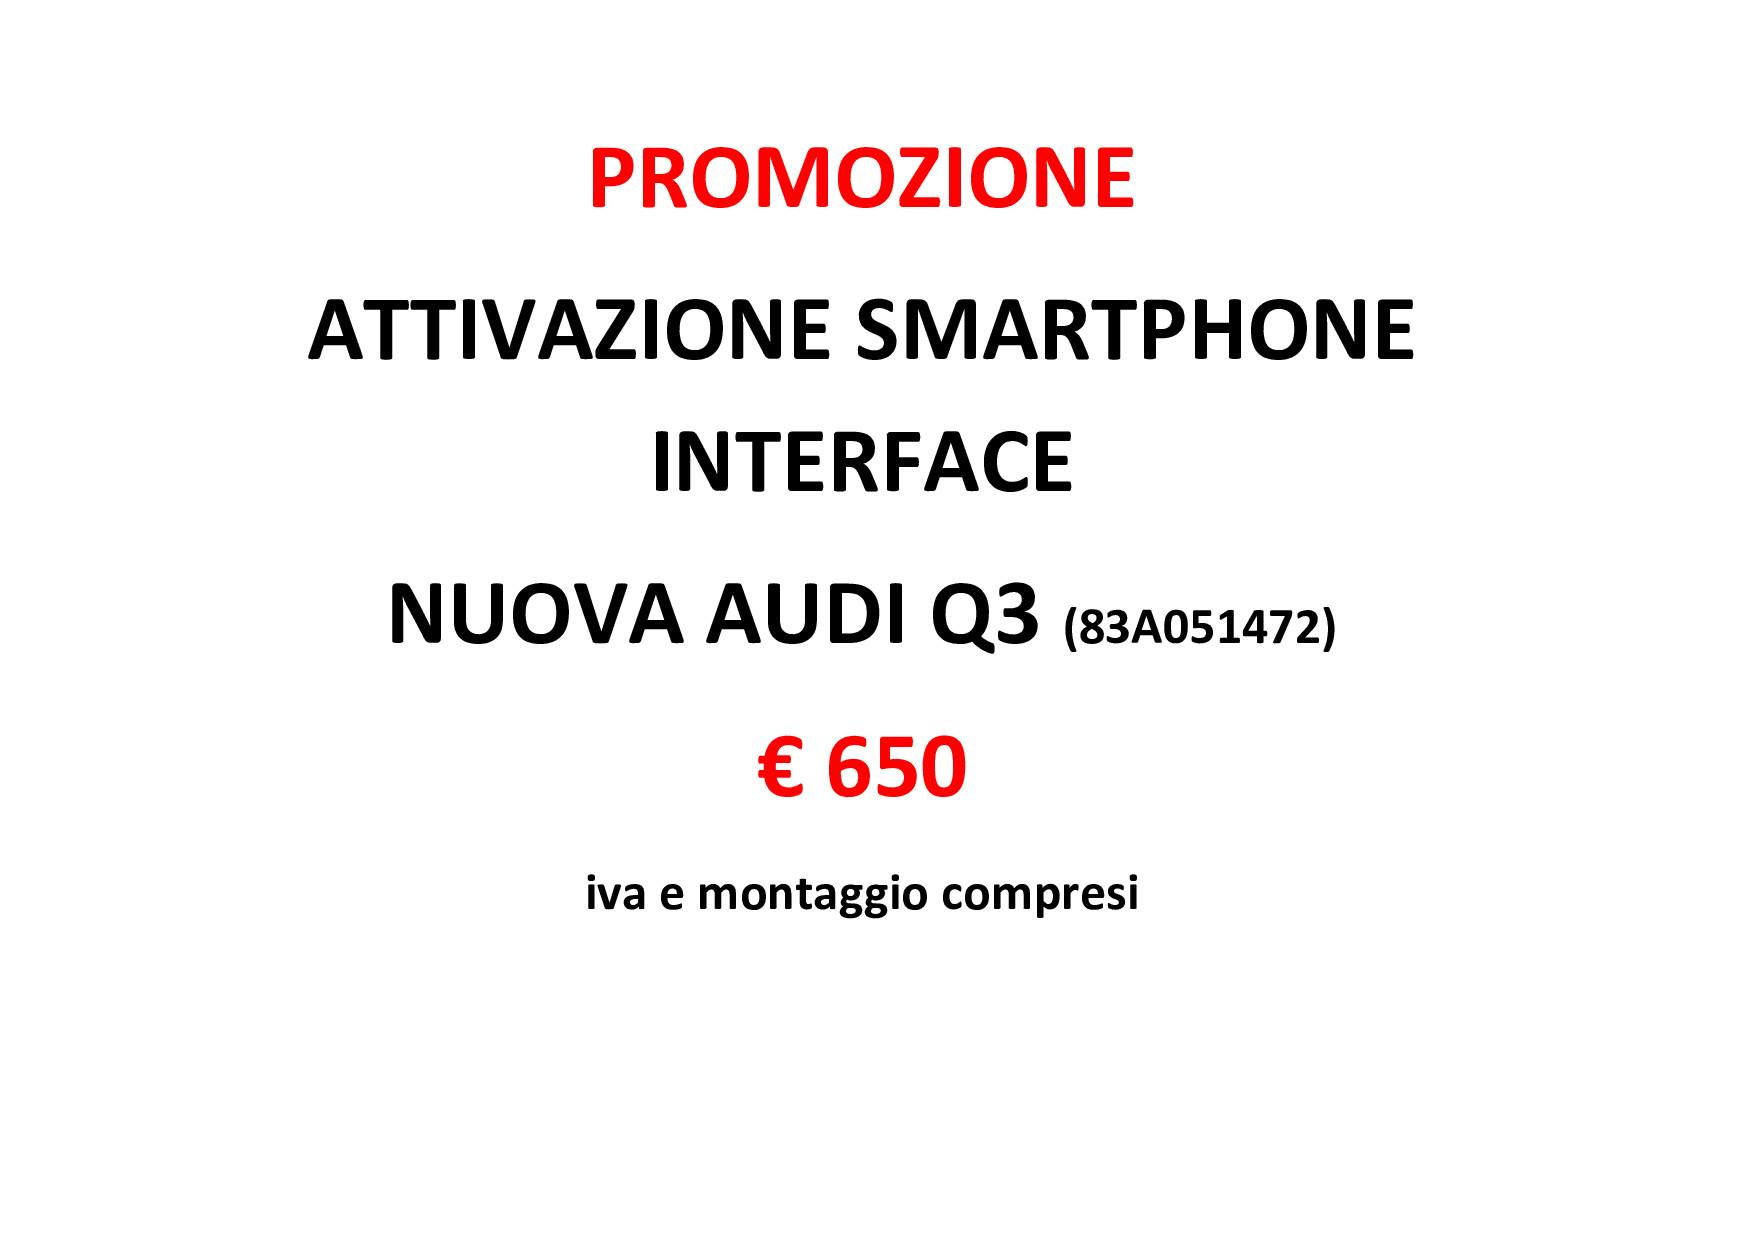 PROMOZIONE AUDI SMARTPHONE INTERFACE